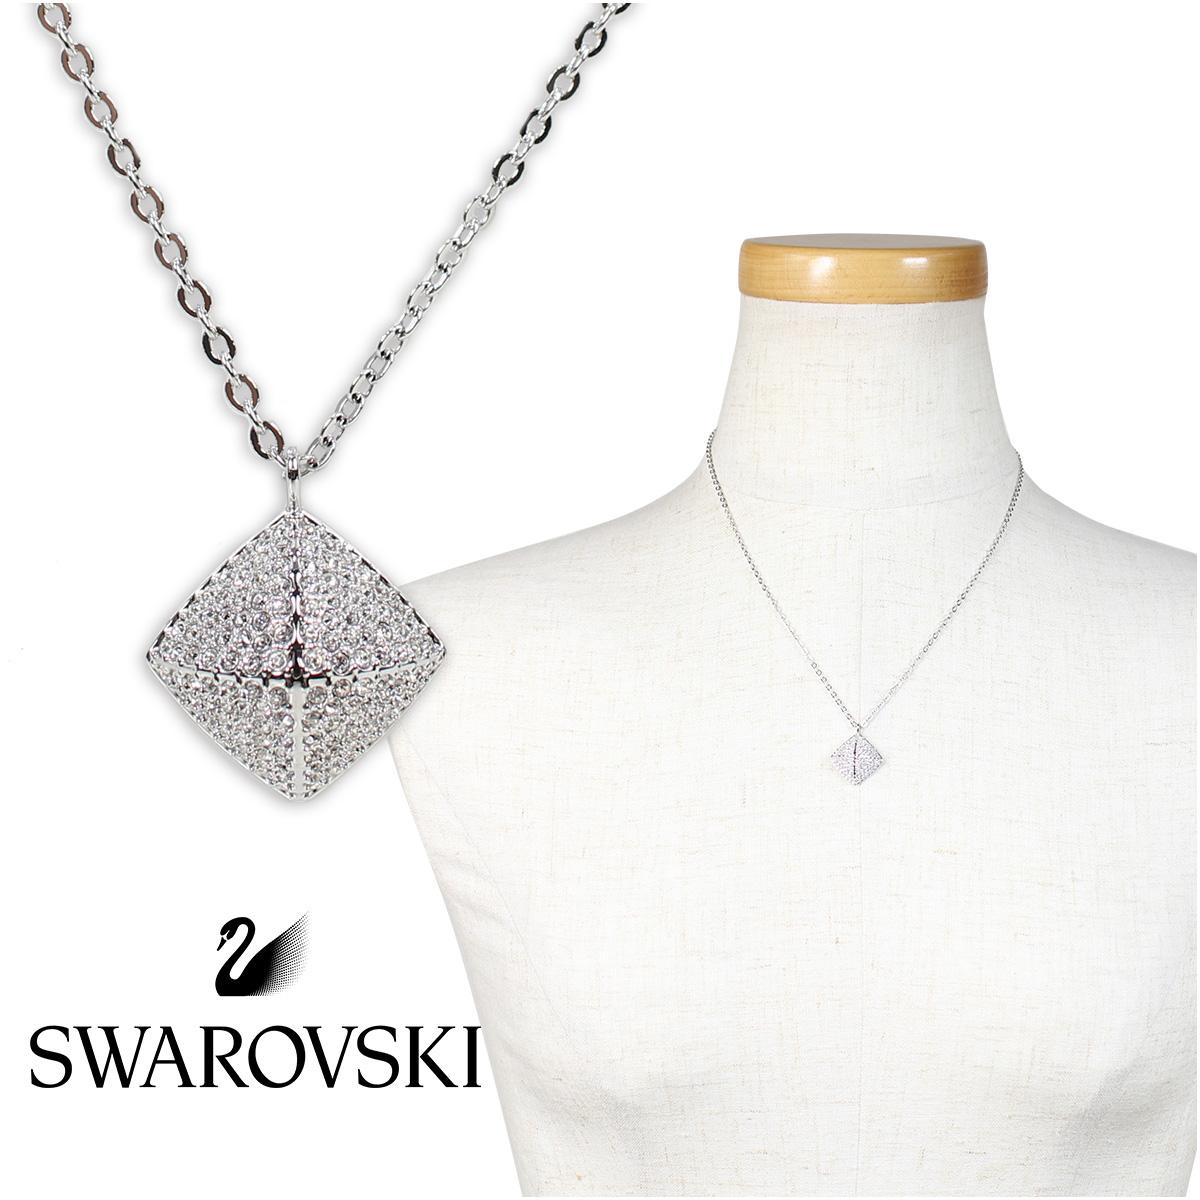 スワロフスキー SWAROVSKI ネックレス レディース TACTIC シルバー 5017069